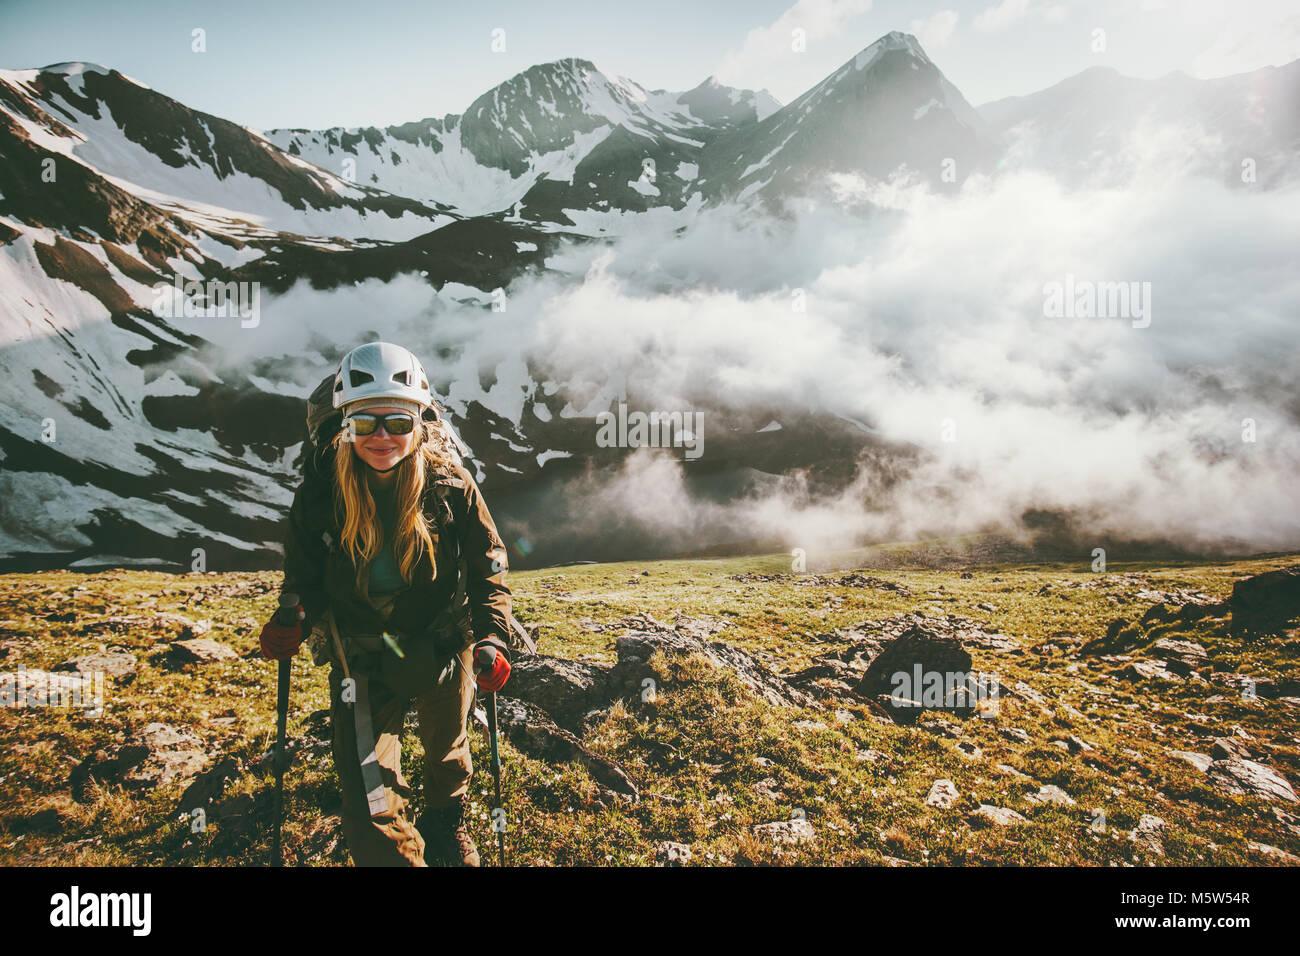 Frau traveler wandern Berge Sonnenuntergang Landschaft Reisen lifestyle Abenteuer Konzept Aktiv Sommer Ferien im Stockbild